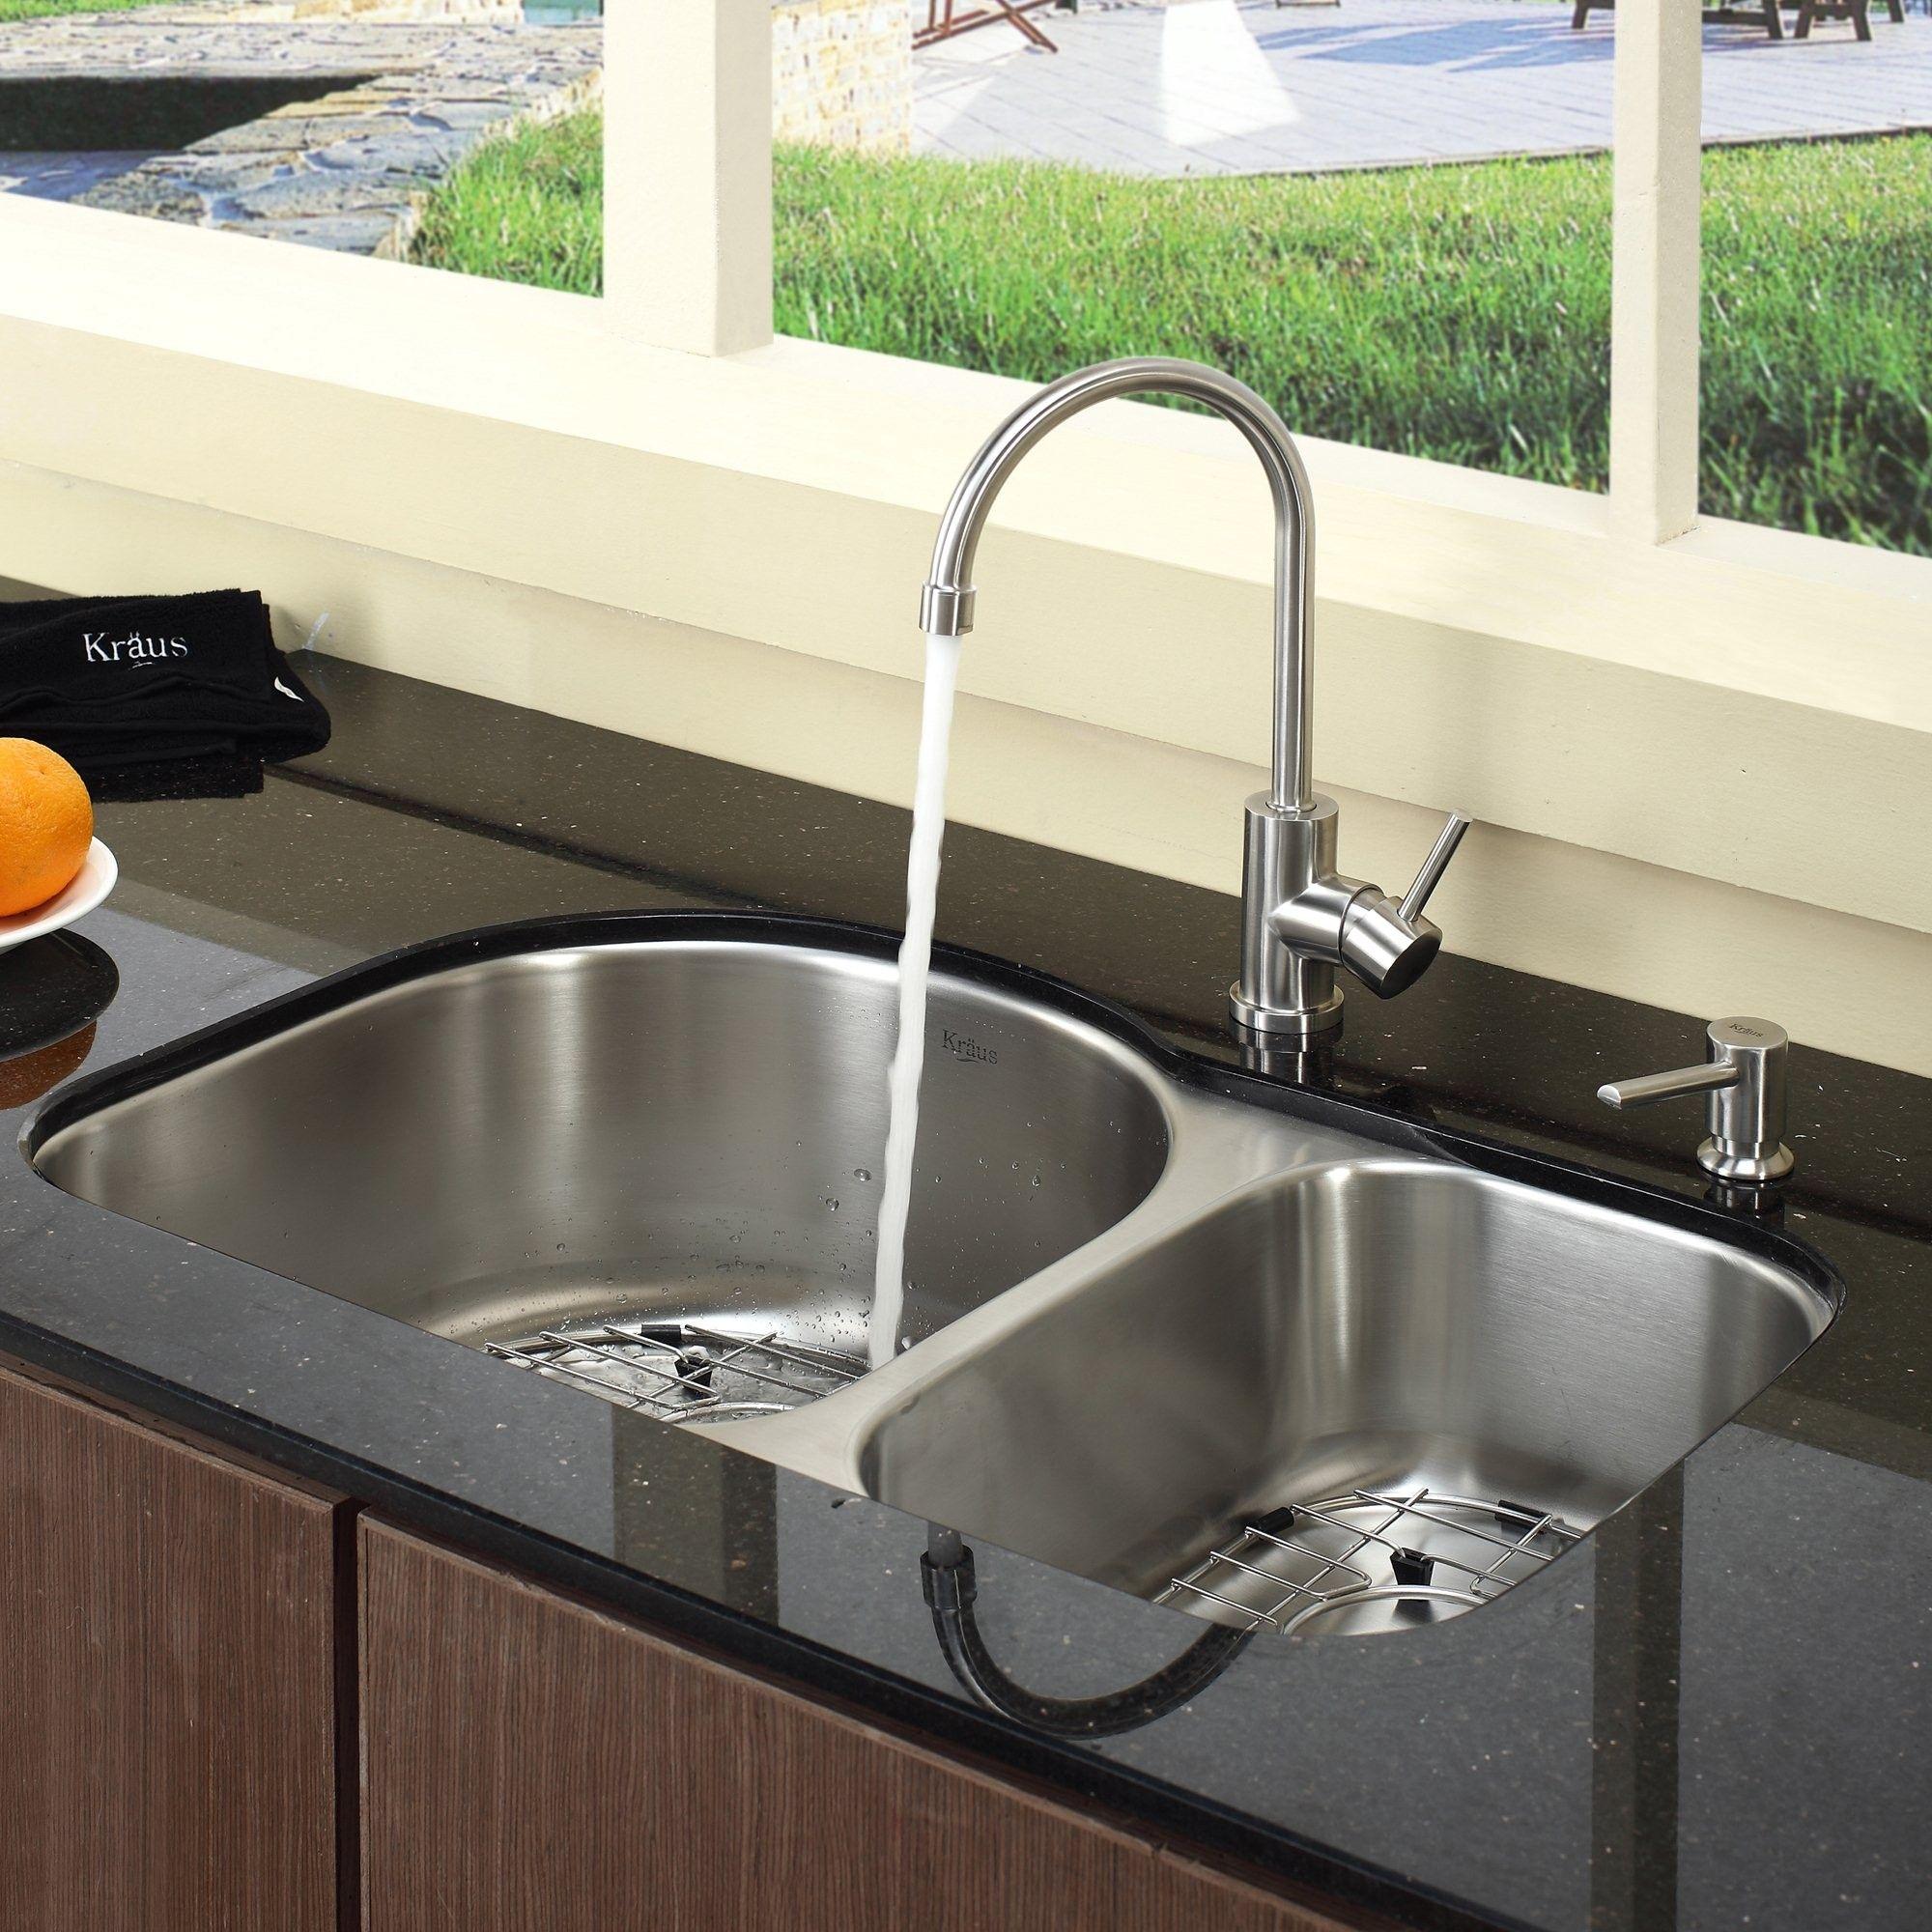 Modern Undermount Stainless Steel Sinks For Best Kitchen Sink Idea Double Bowl Underm Best Kitchen Sinks Stainless Steel Kitchen Sink Undermount Cool Kitchens Undermount stainless steel kitchen sink